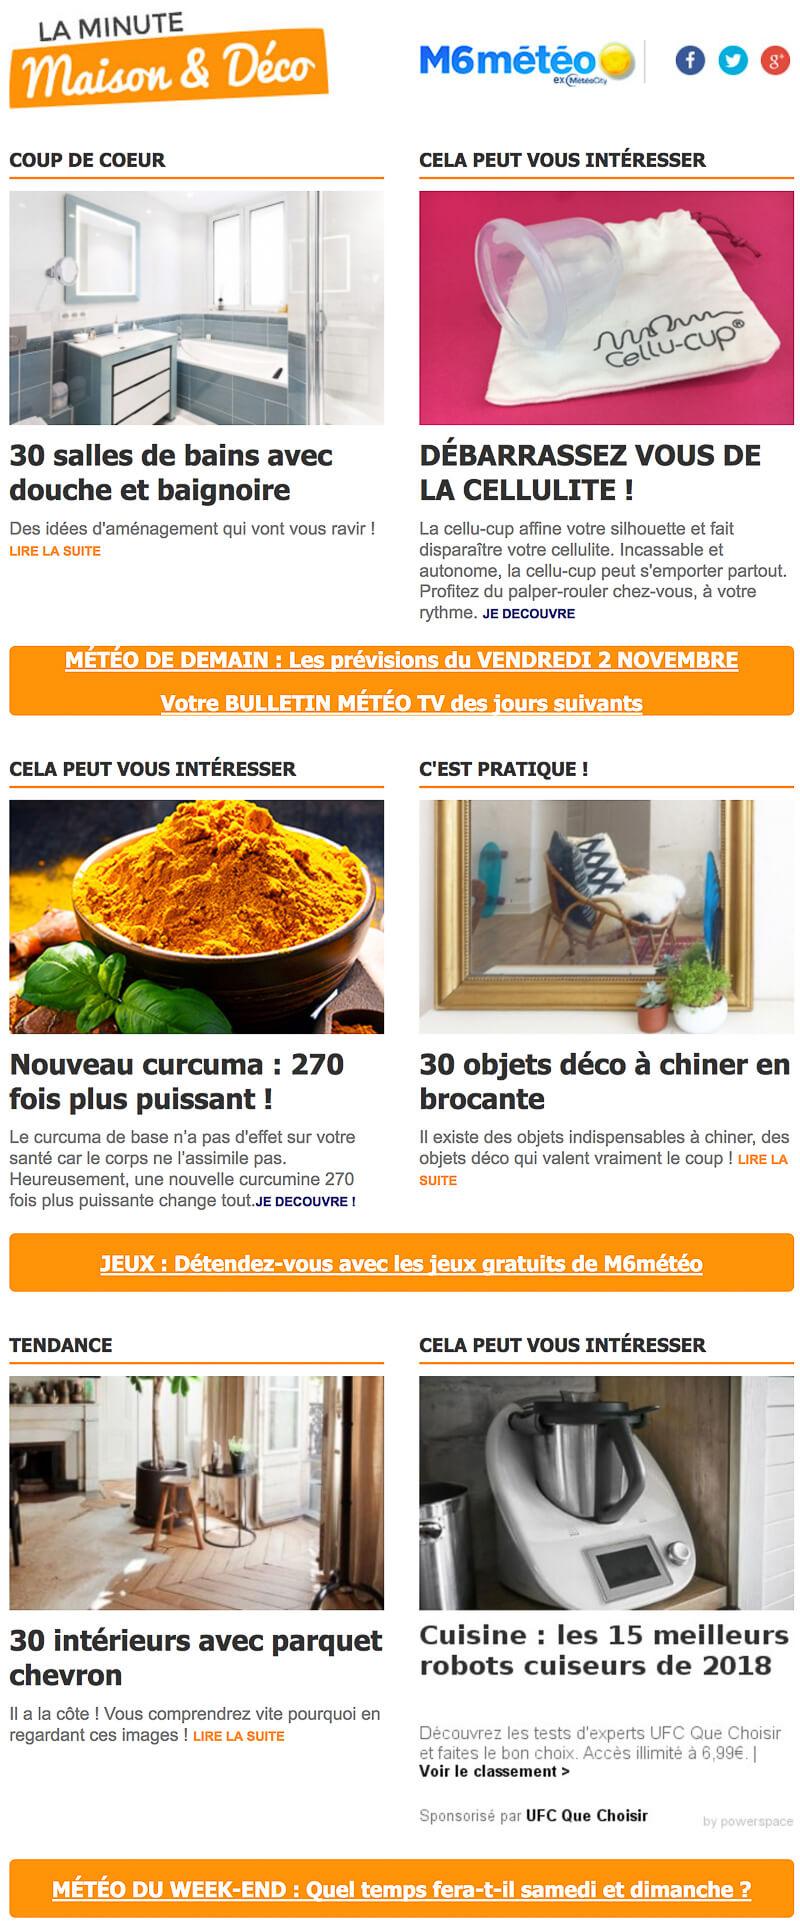 Newsletter M19 Météo La Minute Maison & Déco - Inscription